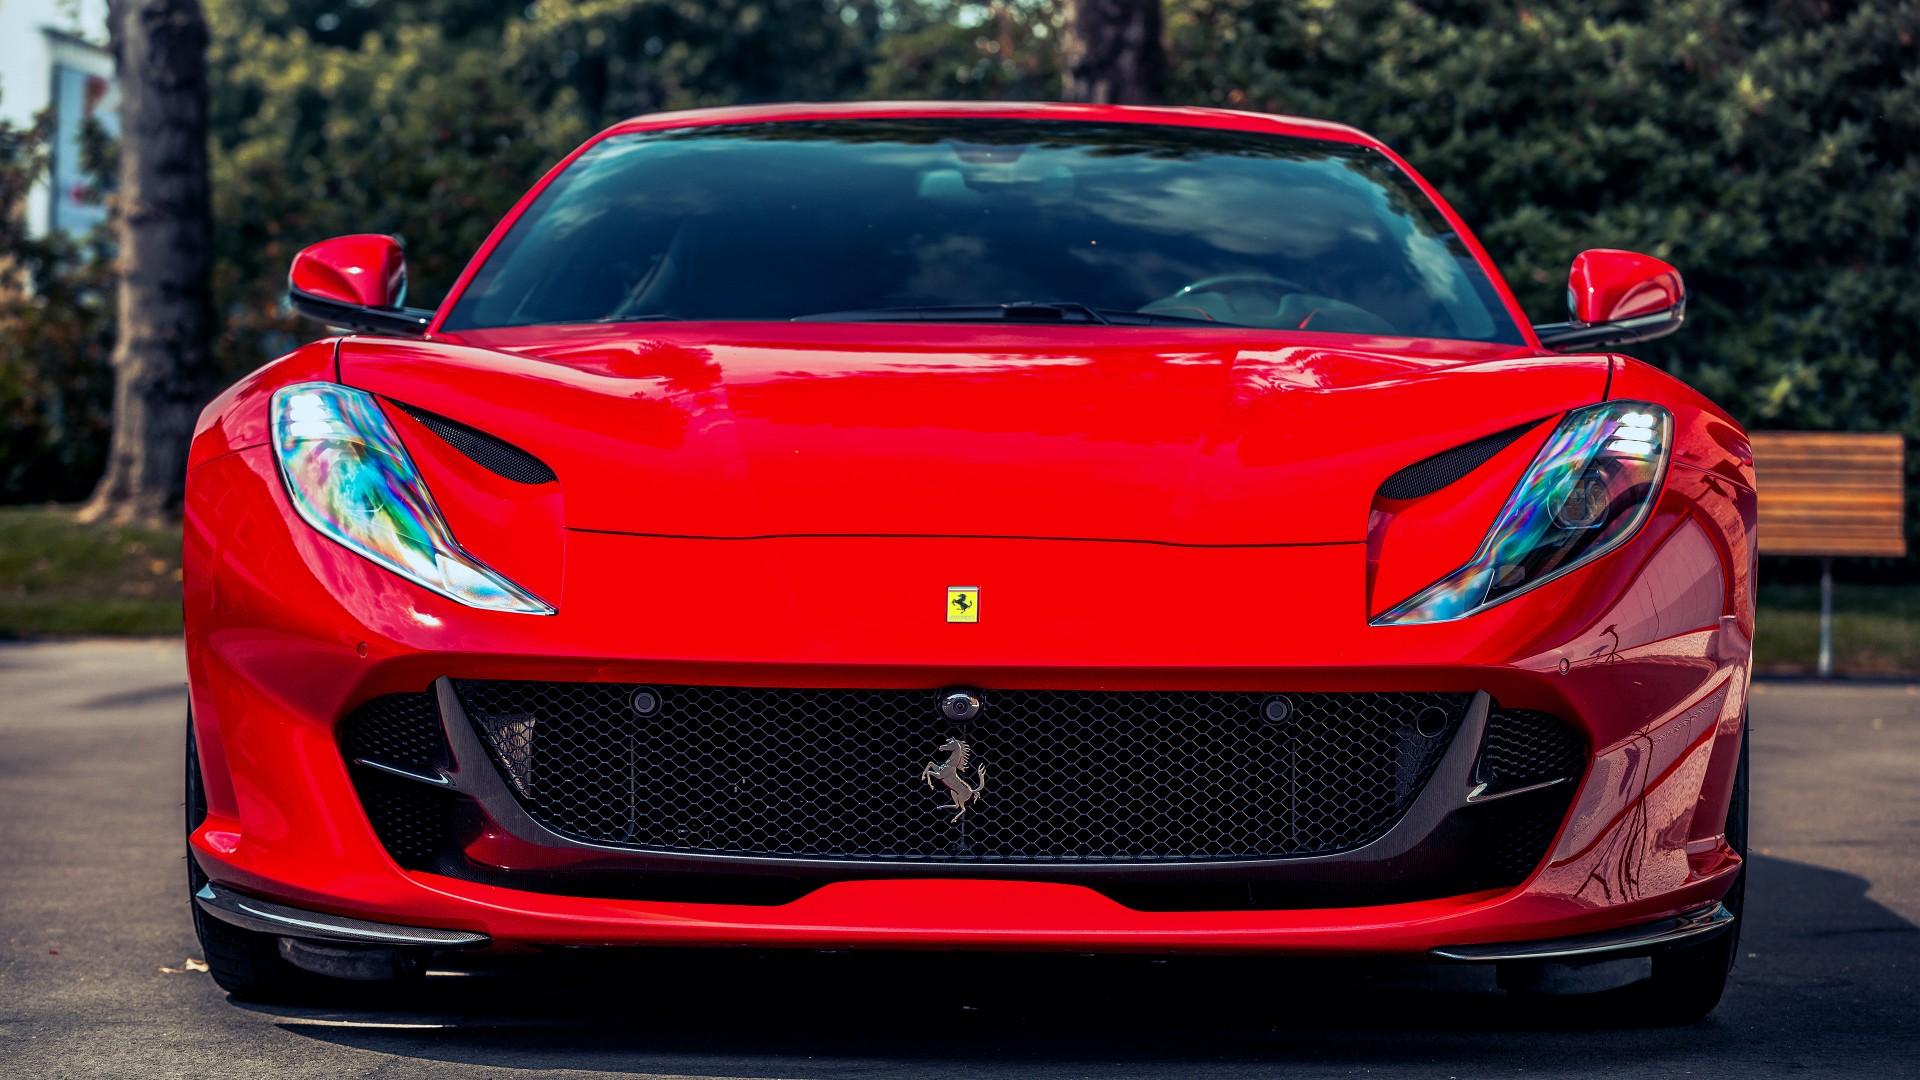 3d Desktop Wallpaper High Resolution Ferrari 812 Superfast 2017 4k Wallpapers Hd Wallpapers